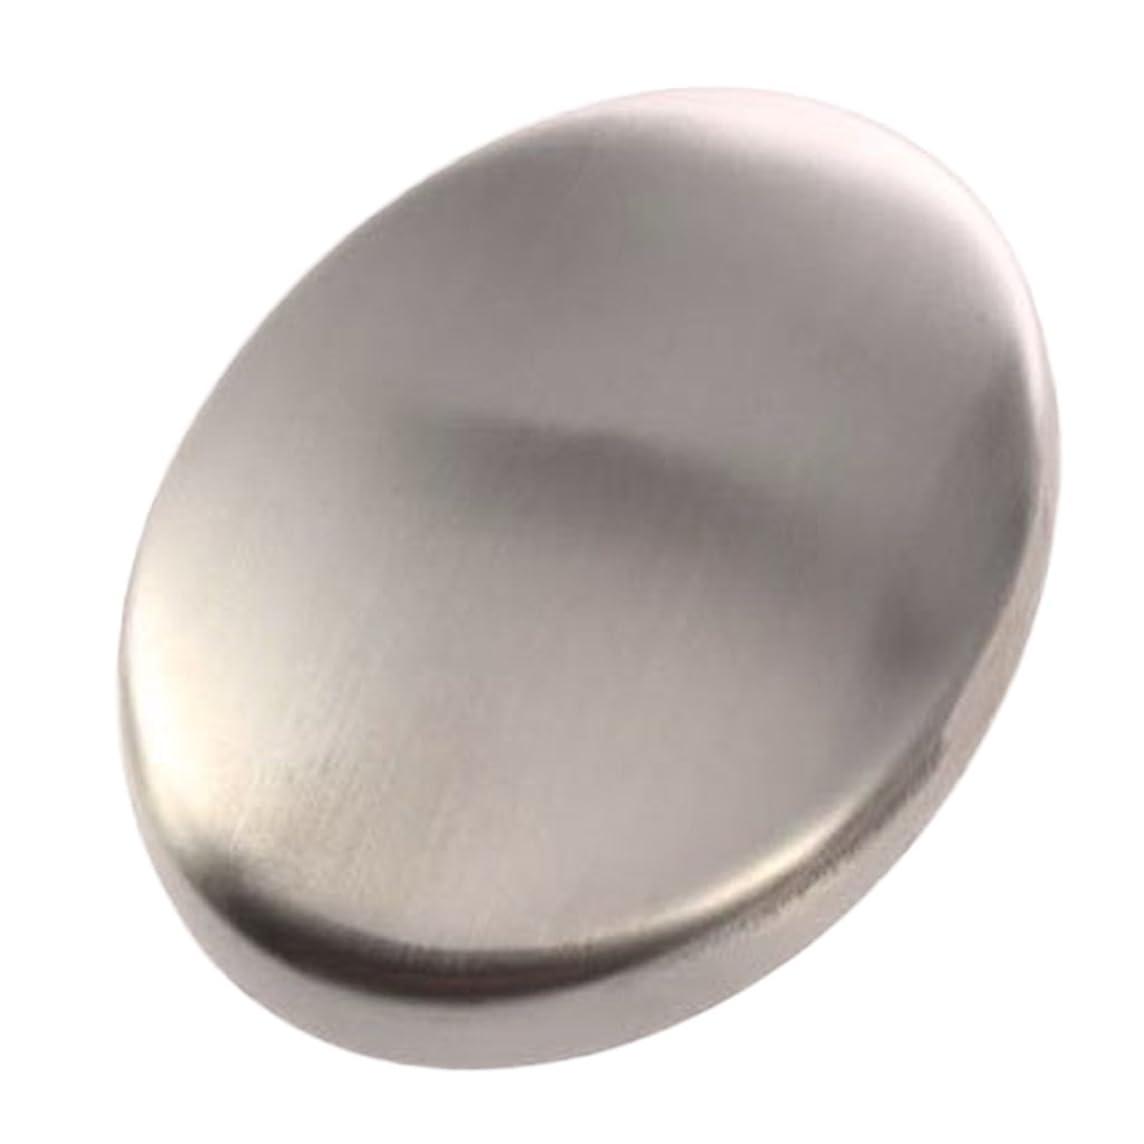 サバント内訳正しいZafina ステンレスソープ 円形 においとりソープ 臭い取り ステンレス石鹸